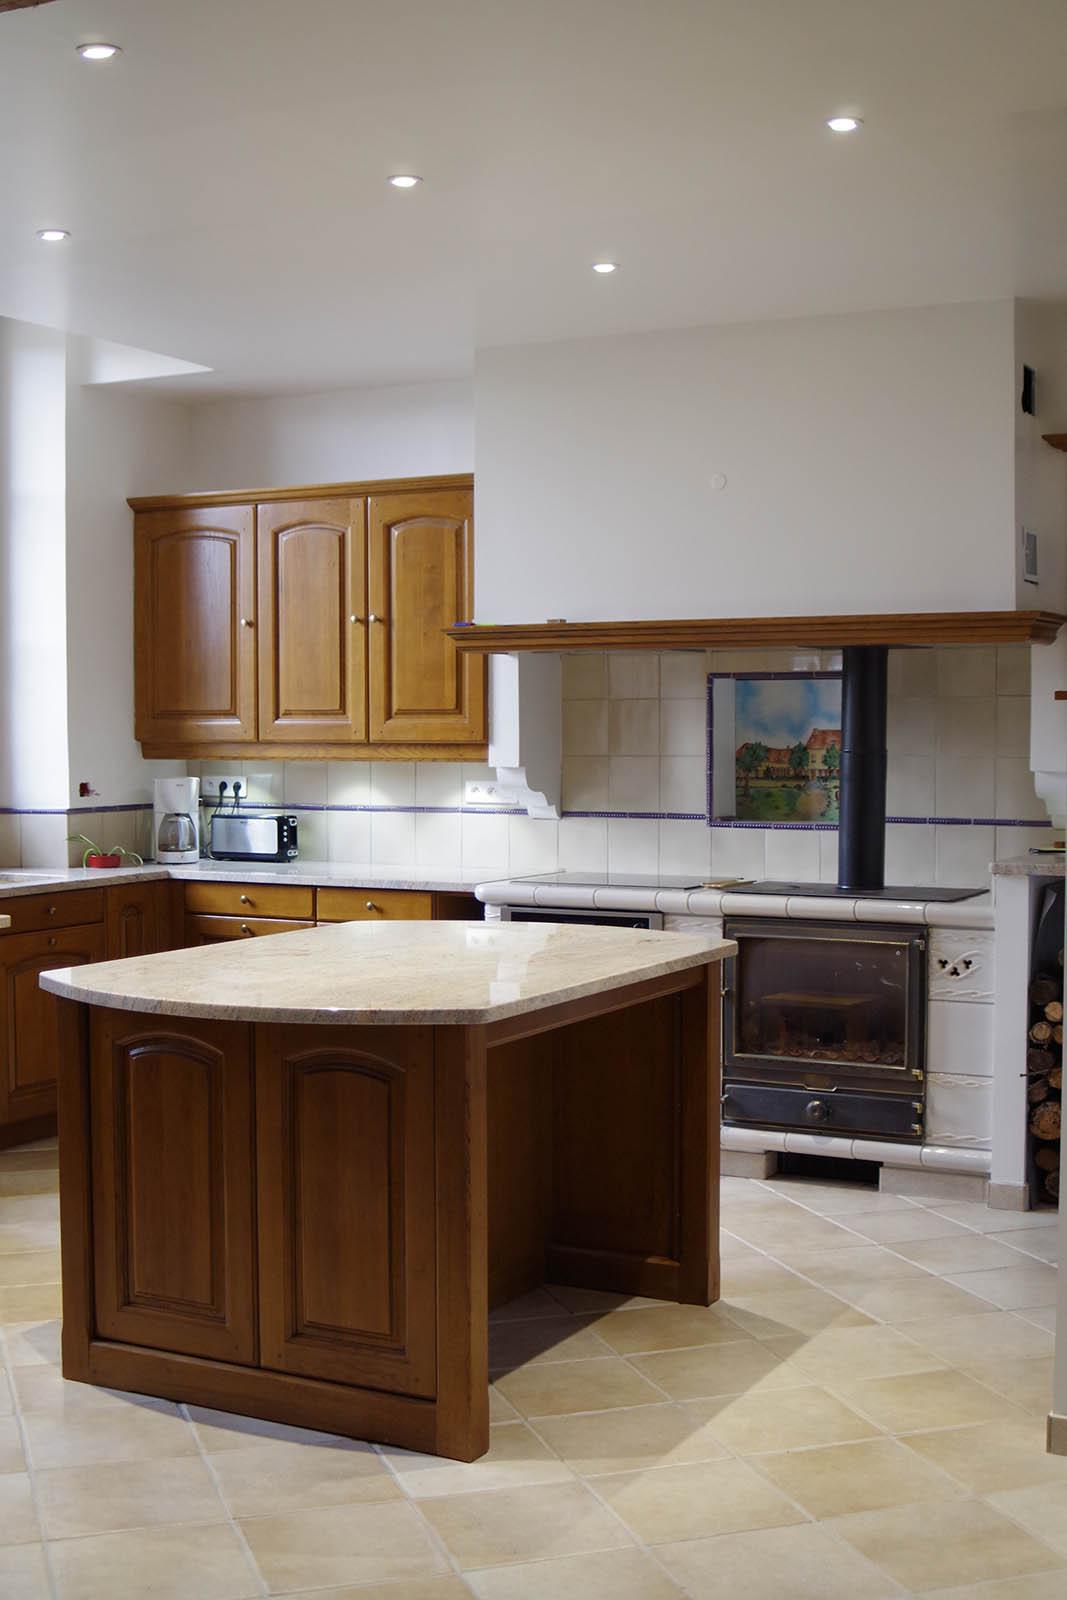 cuisine en ch ne massif henry 39 s d coration. Black Bedroom Furniture Sets. Home Design Ideas